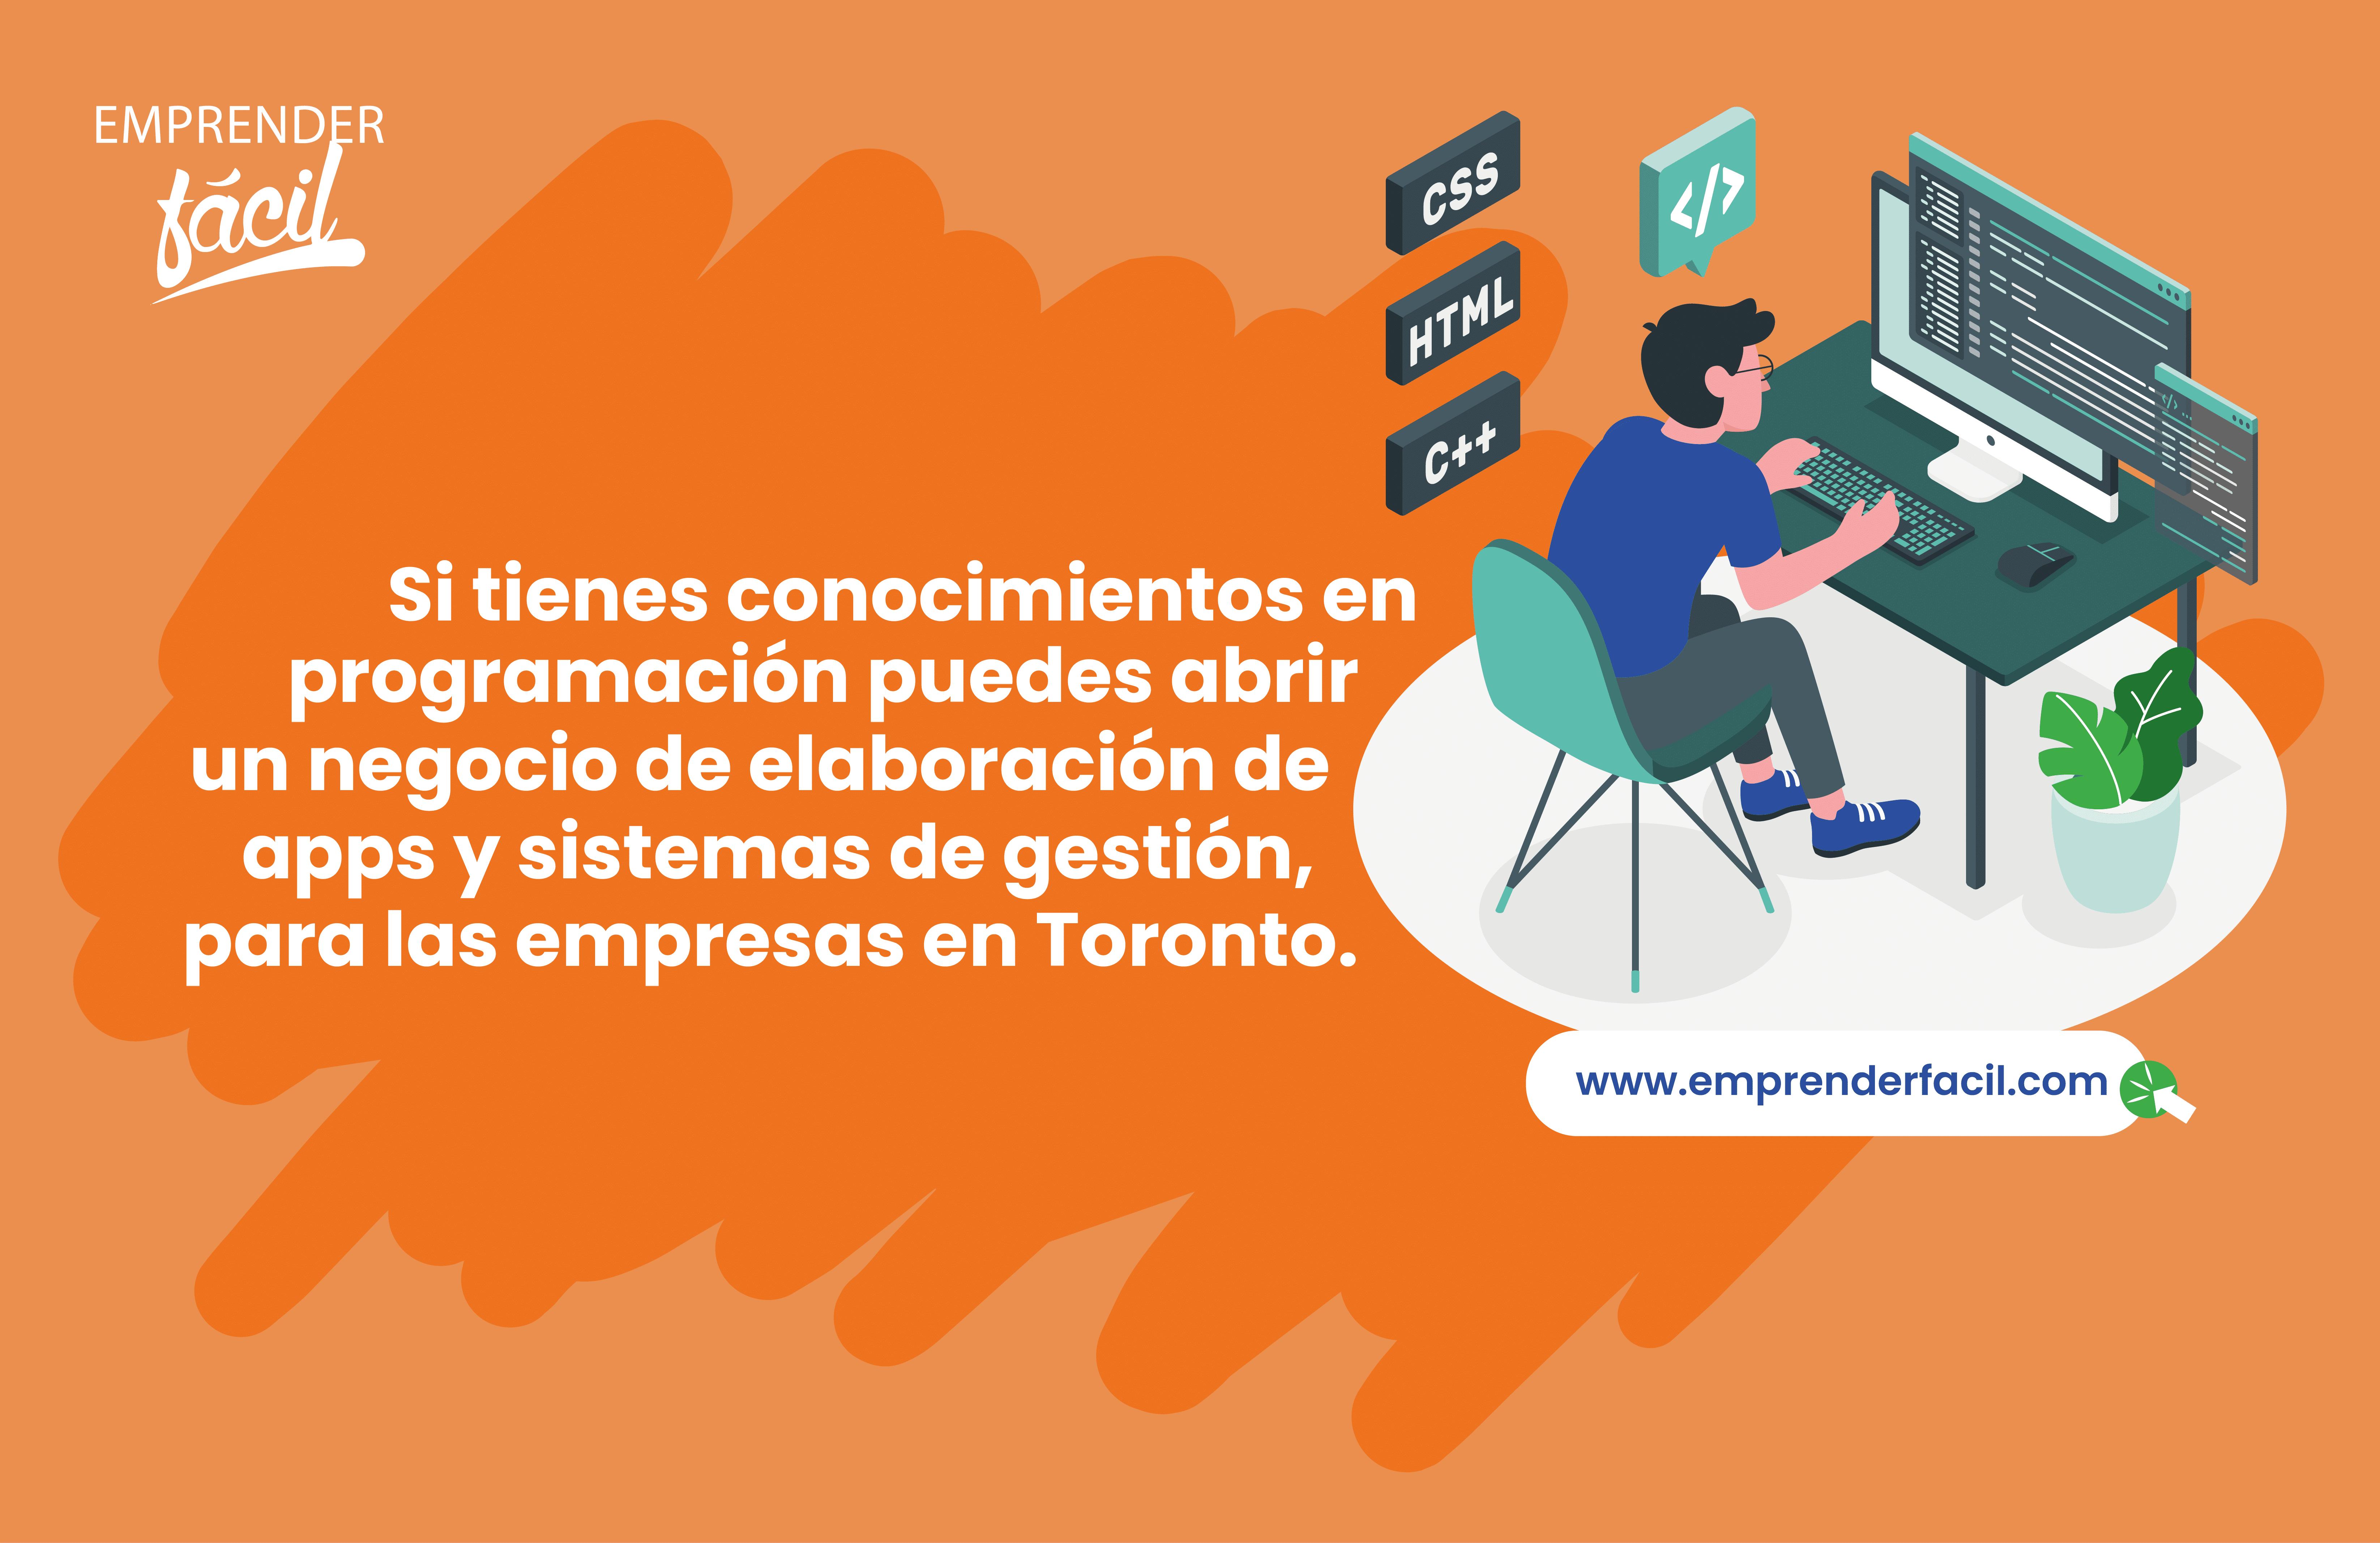 Los emprendimientos en el área  de tecnología, se consideran negocios rentables en Toronto.